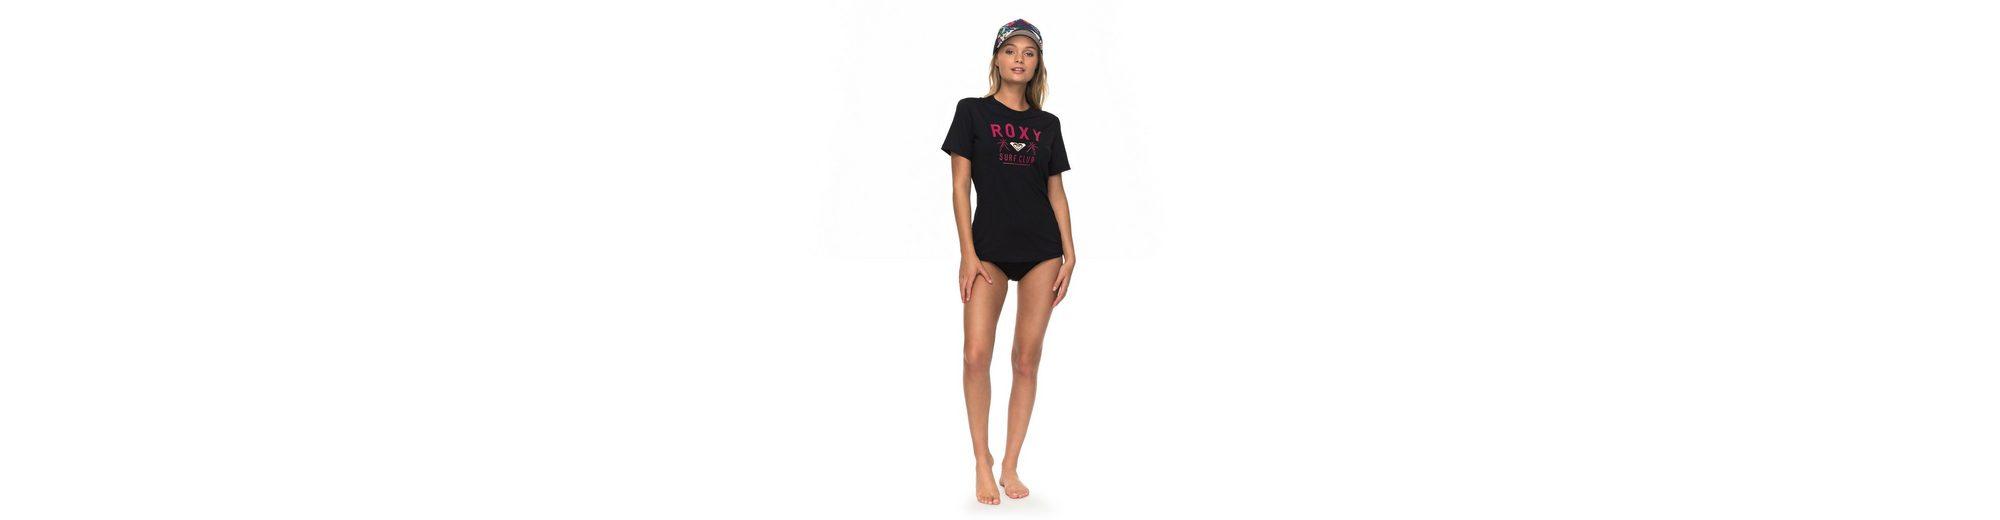 Roxy Kurzarm UPF 50 Rash Vest Enjoy Waves Speichern Günstigen Preis Verkauf Neuesten Kollektionen Spielraum Online-Fälschung Rabatt Zahlen Mit Paypal V23lkn6